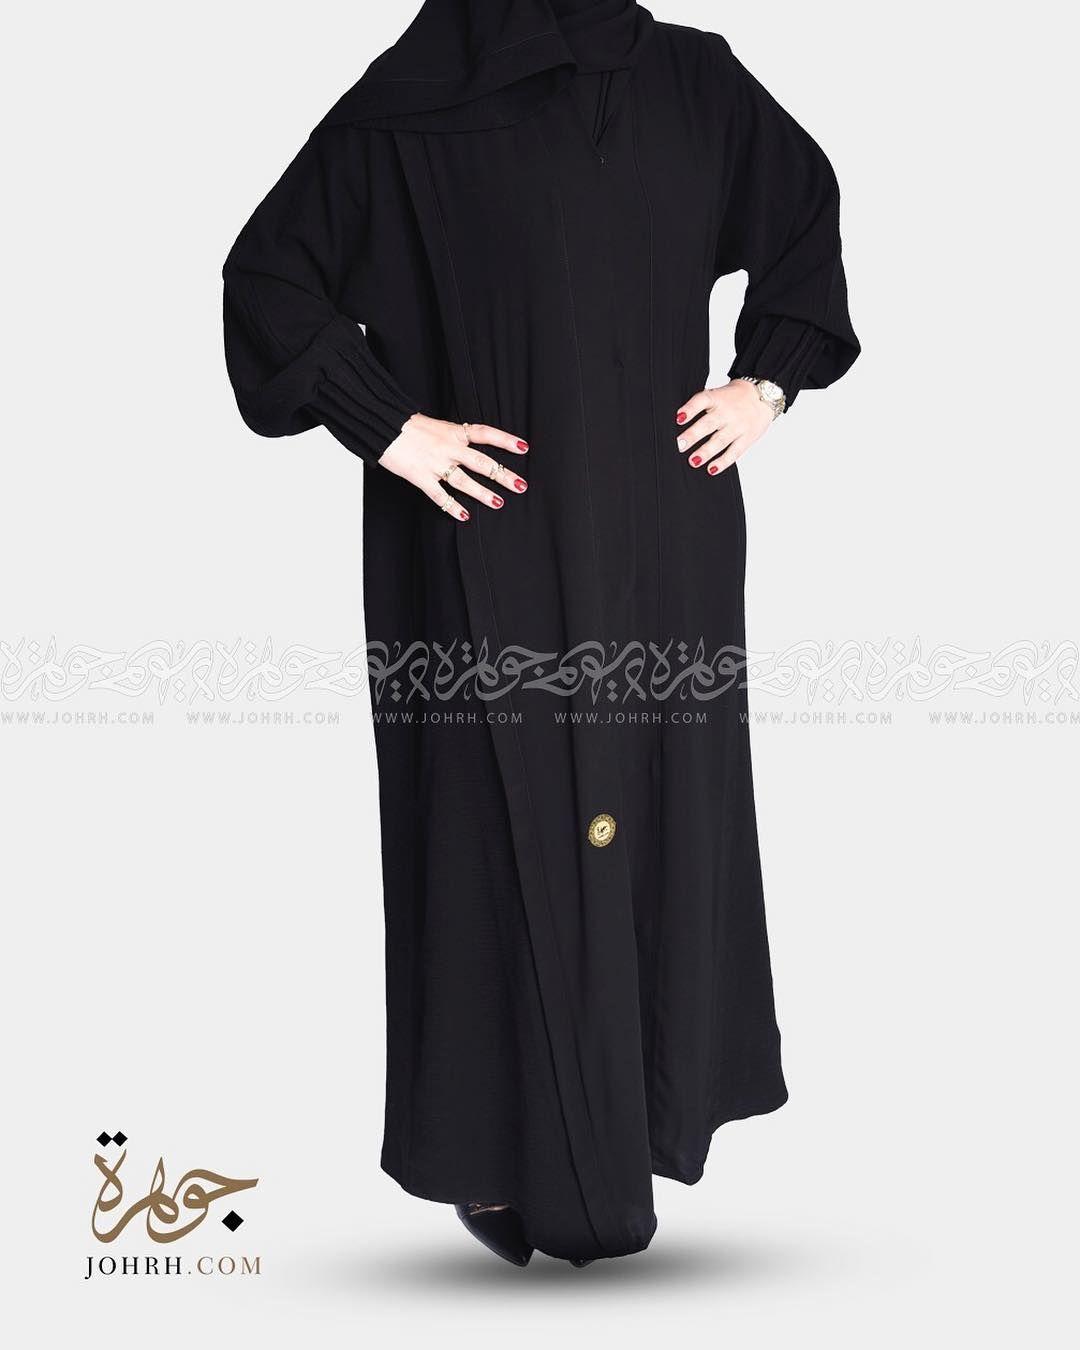 رقم الموديل 1389 السعر بعد الخصم 220 ريال تصميم يتناغم فيه خامتين من القماش بحيث ياتي الكريب الملكي Long Sleeve Dress Dresses With Sleeves High Neck Dress